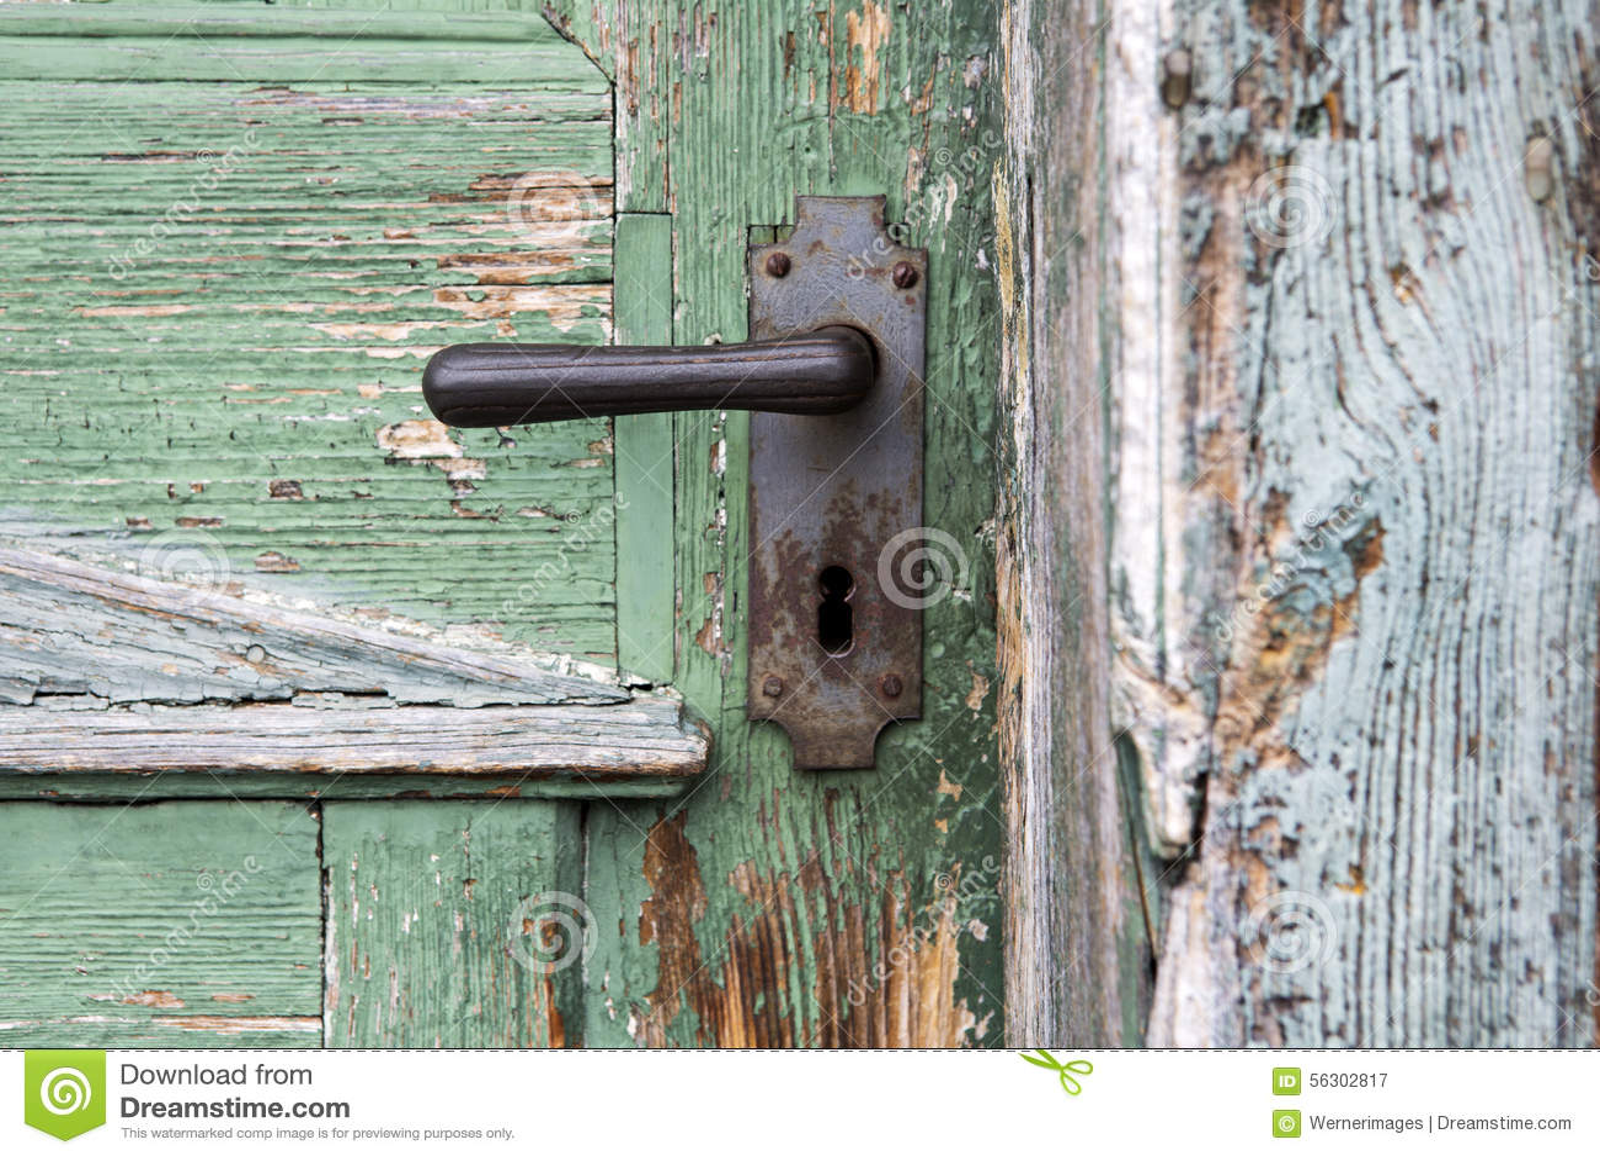 Vieille Porte D Entree En Bois Avec La Poignee De Porte Antique